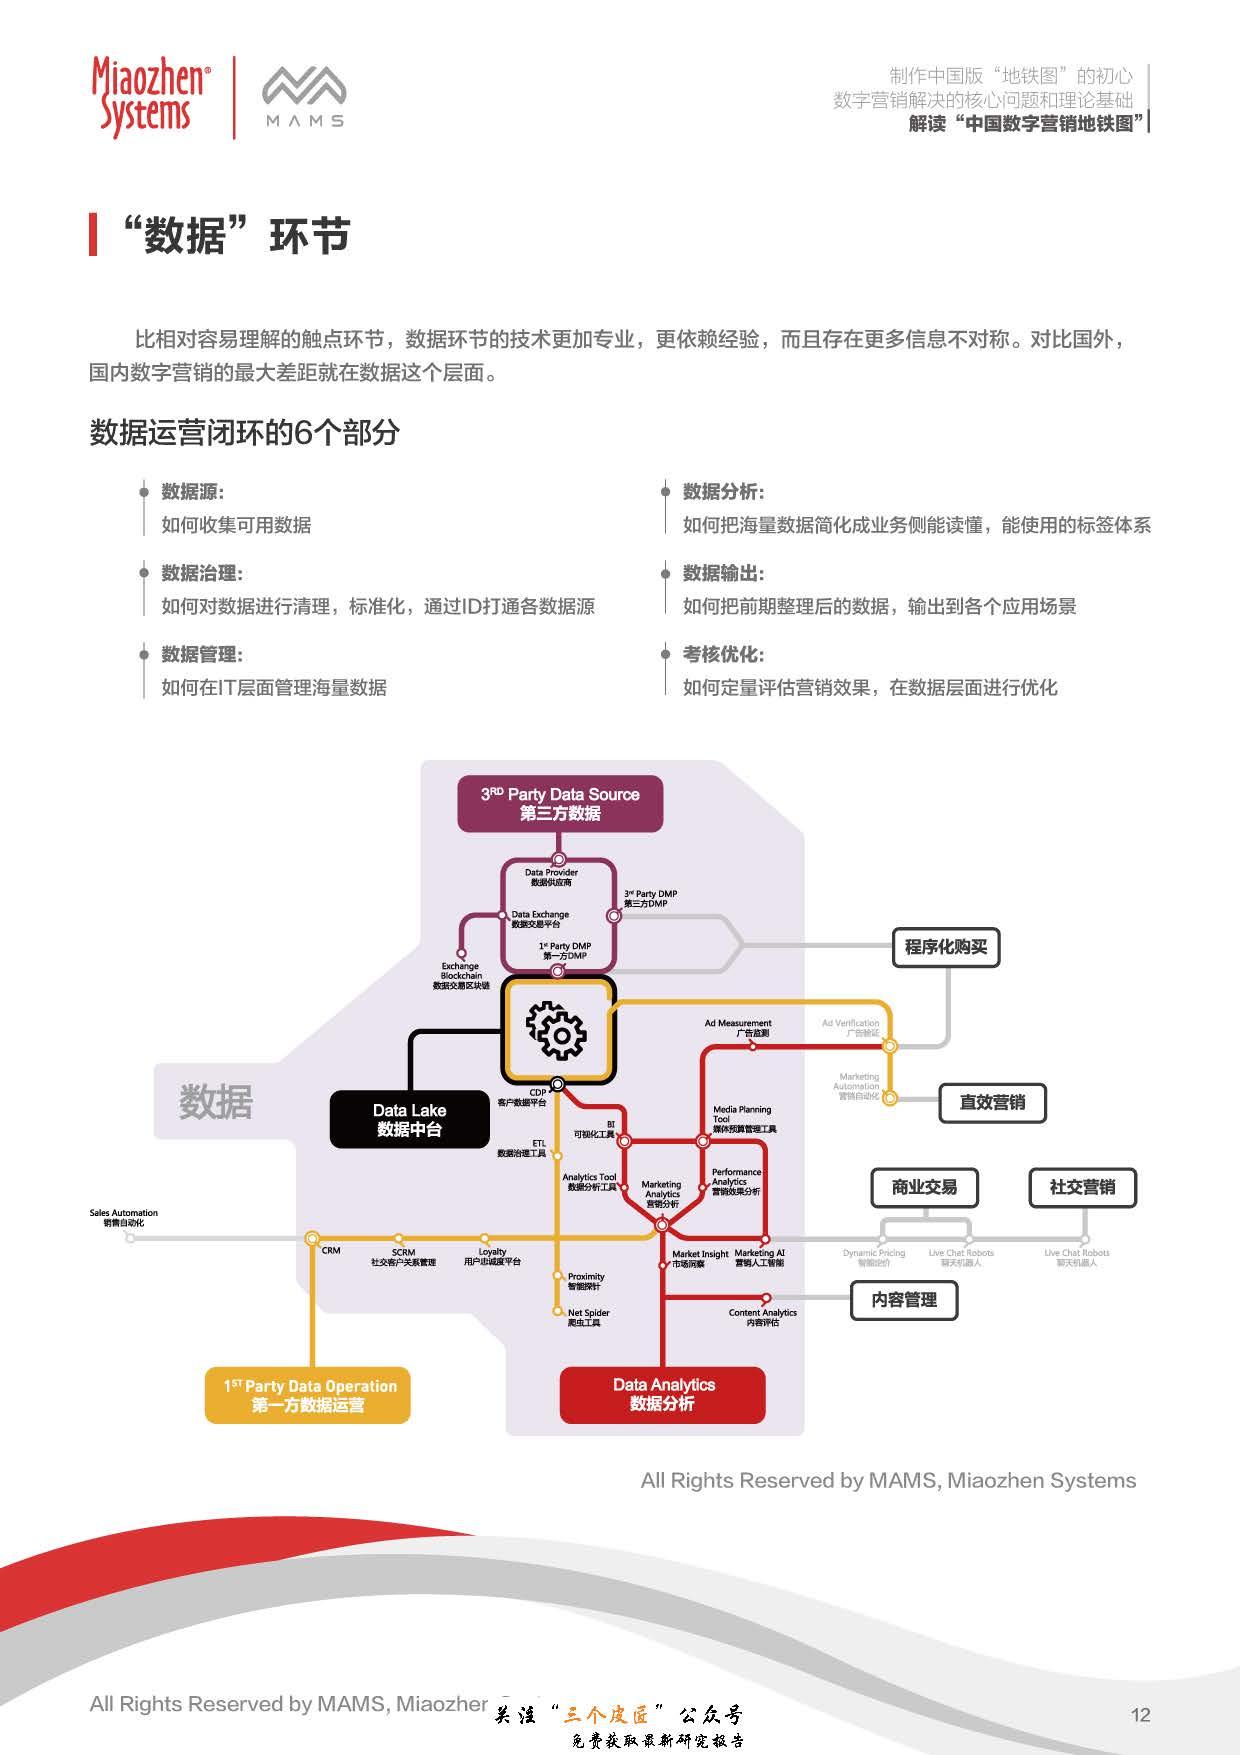 秒针:解读中国数字营销地铁图(28页)_页面_13.jpg